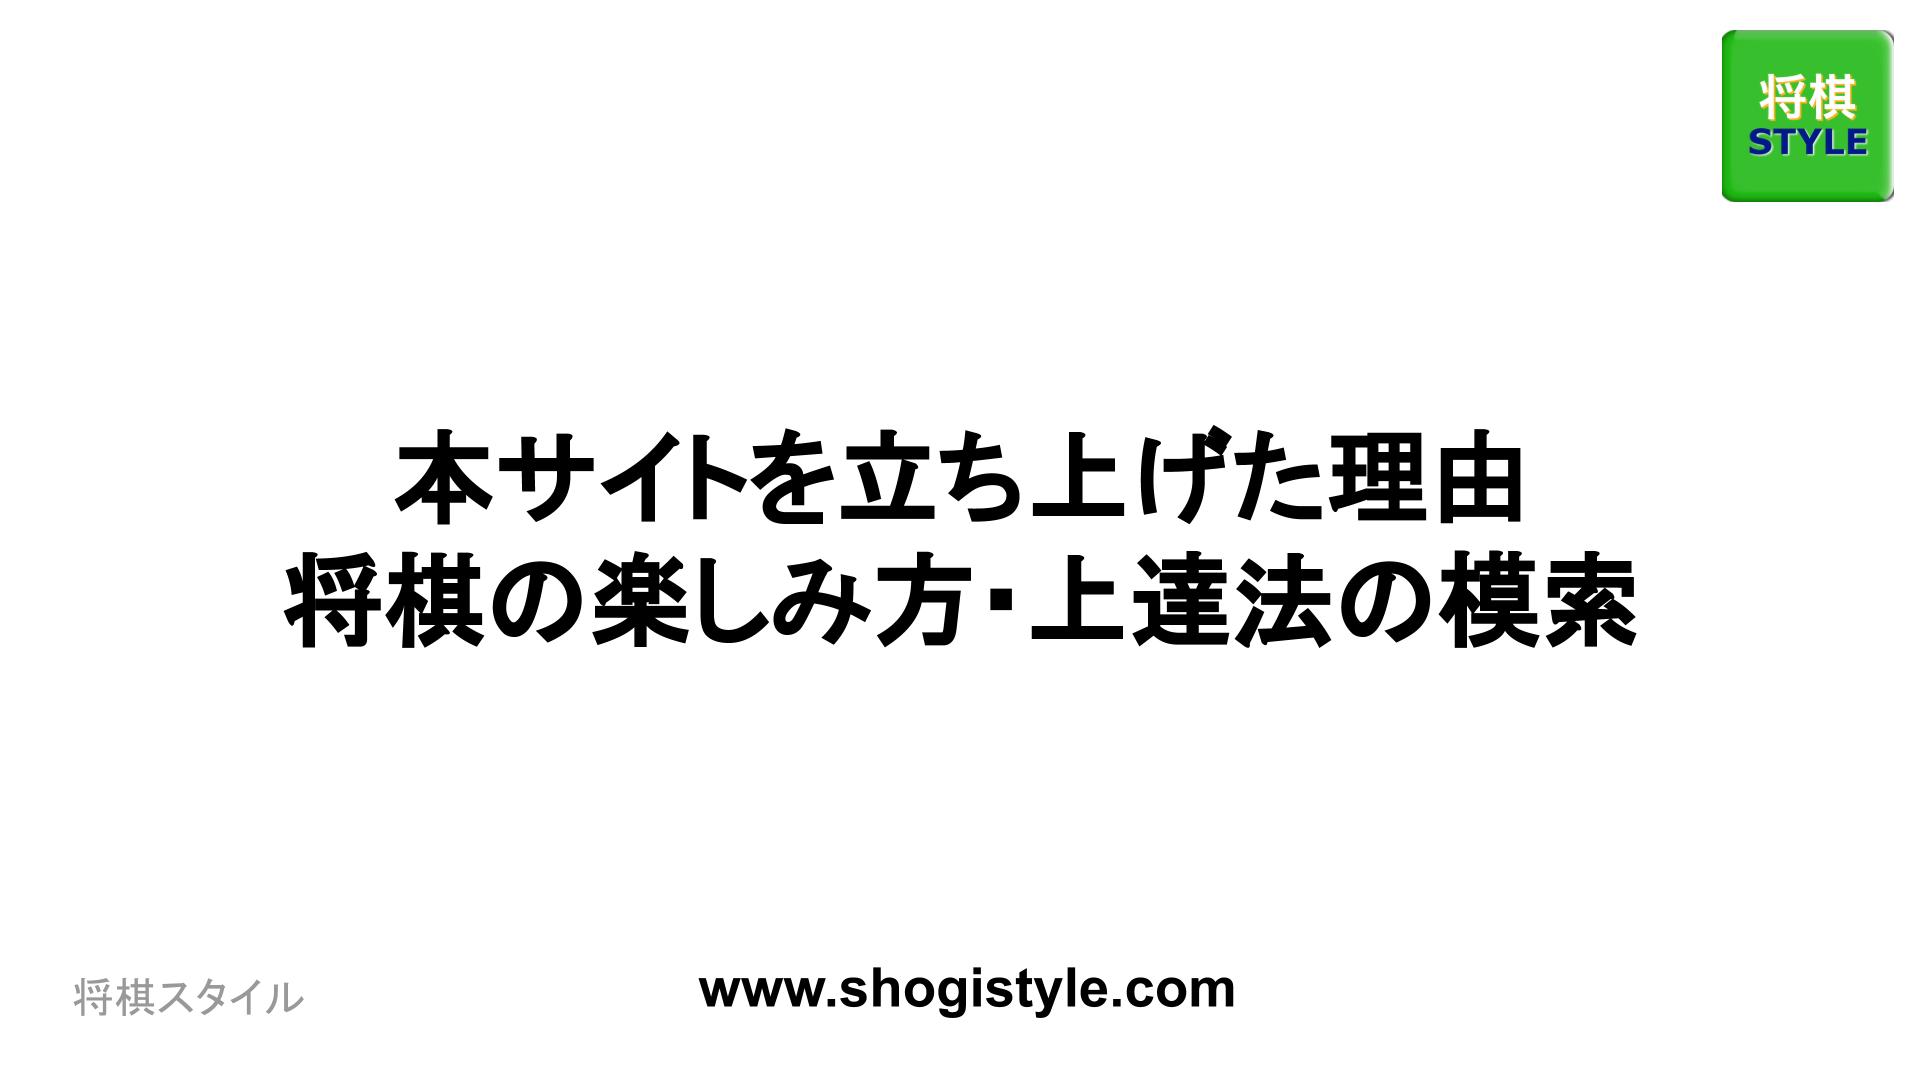 本サイトを立ち上げた理由 - 将棋の楽しみ方・上達法の模索